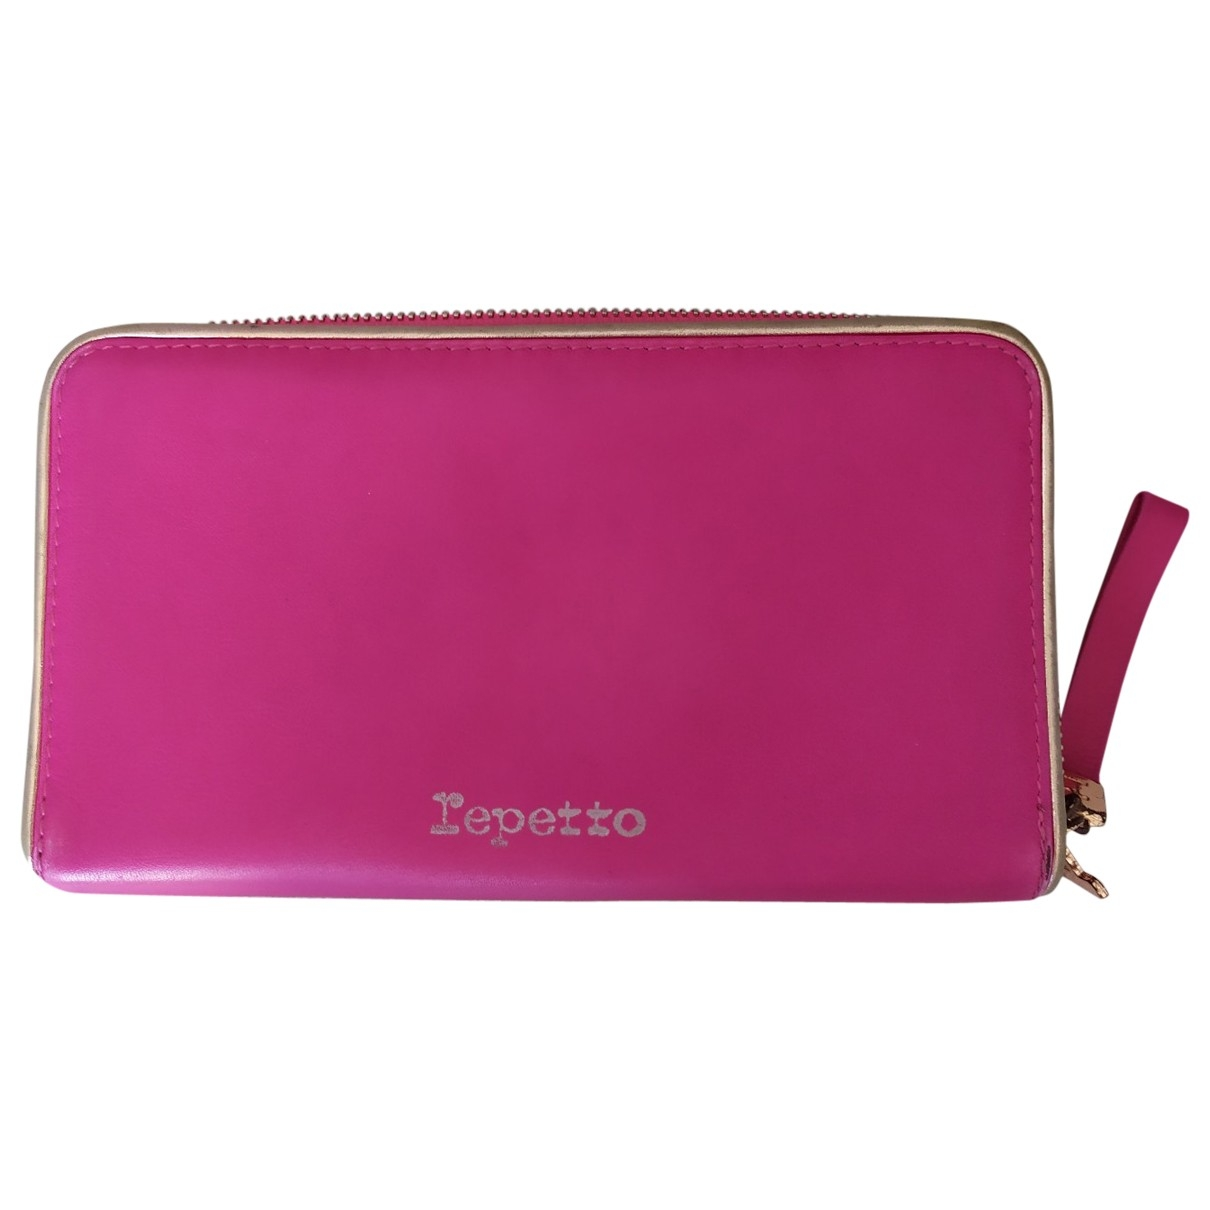 Repetto - Portefeuille   pour femme en cuir - rose